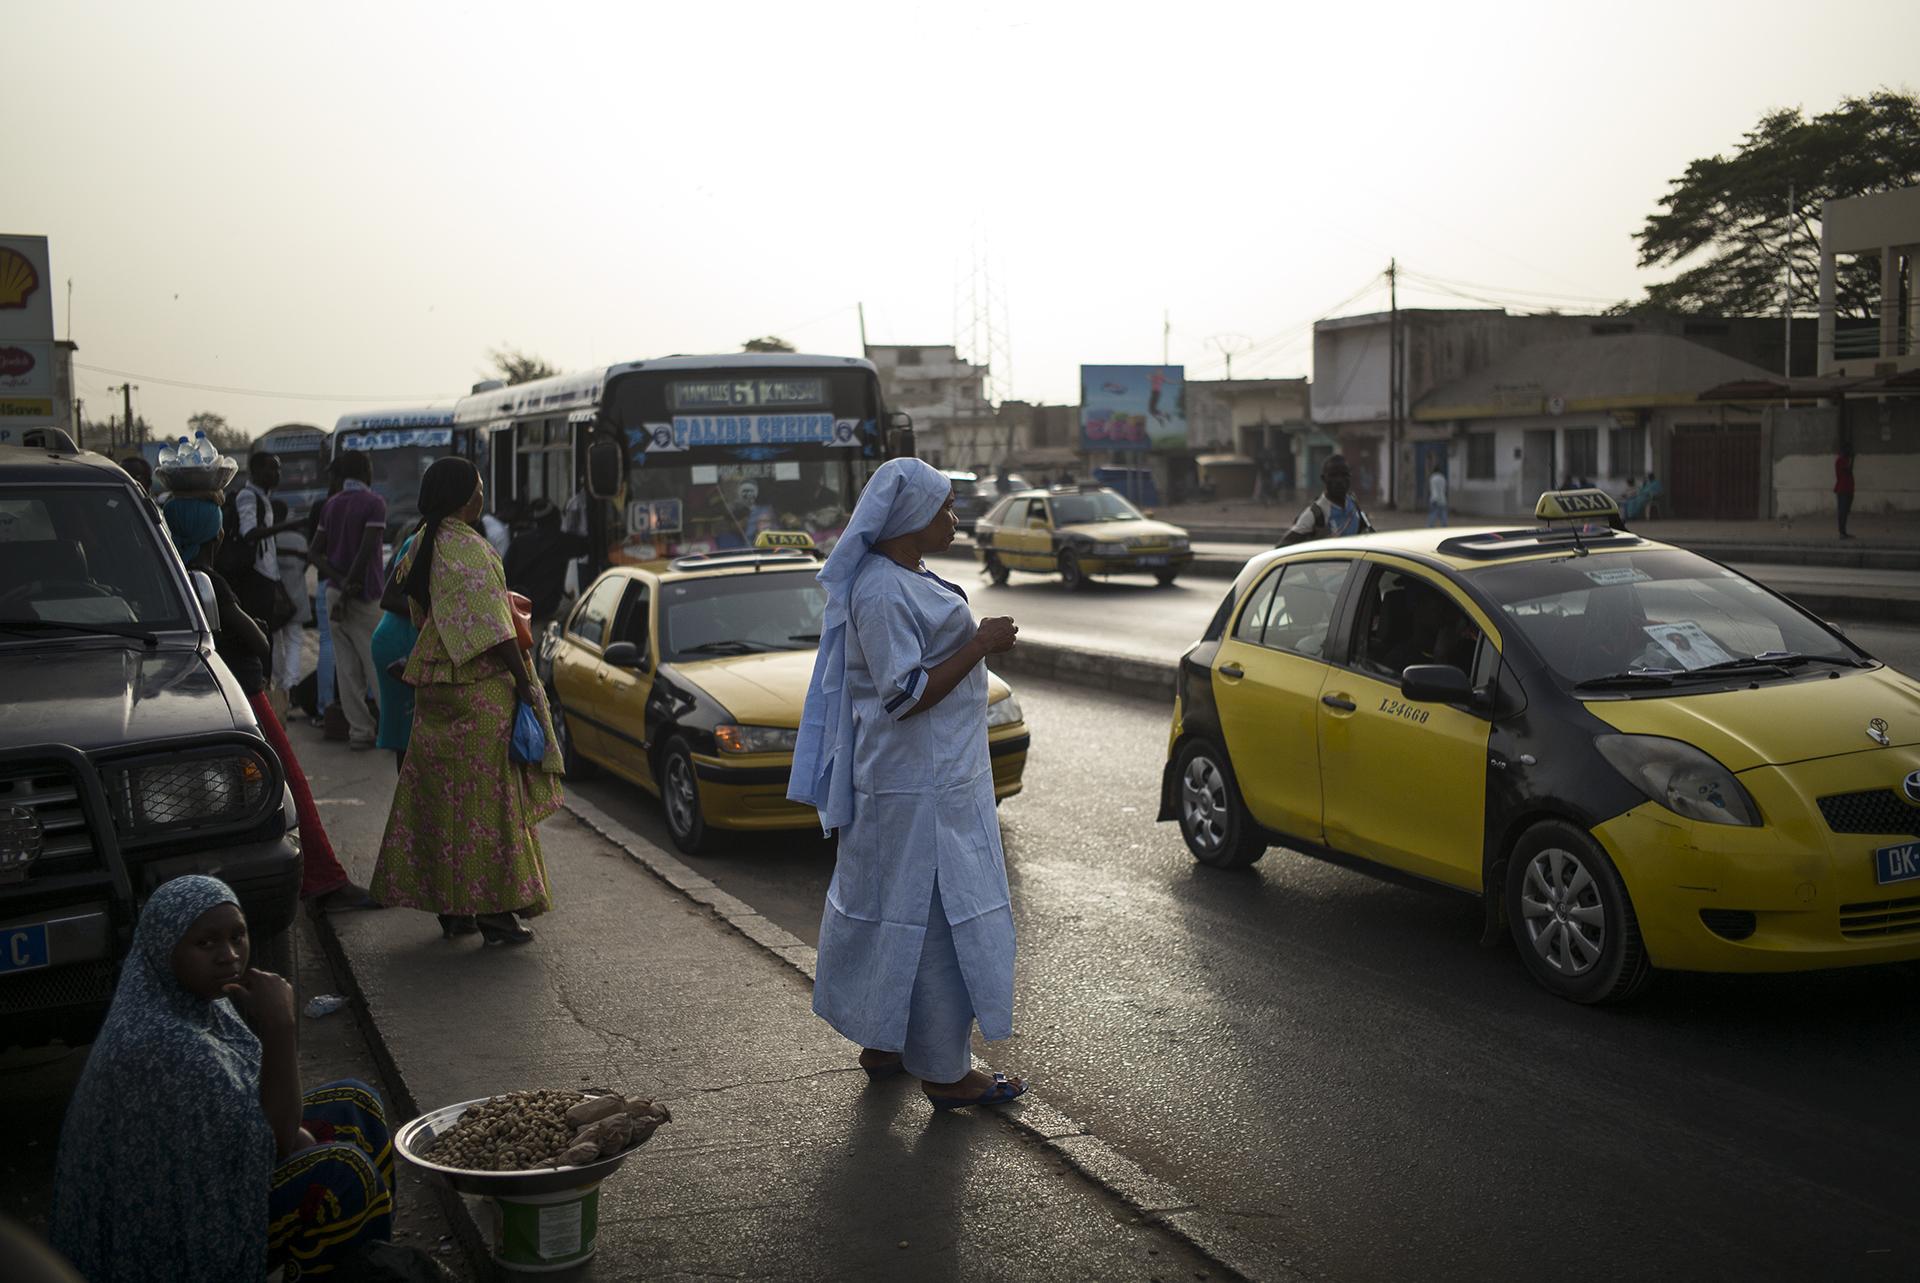 Circulation routière à Dakar, Sénégal. Mai 2017Jusqu'en 2013 la Nationale 1 sur l'axe Cambérene-Rufisque etait très embouteillée au quotidien, rendant la vie des usagers difficile. Plusieurs heures de route étaient nécessaires pour se rendre à Dakar ou en sortir. La construction de l'autoroute à péage cette année là a largement participé à son désengorgement.